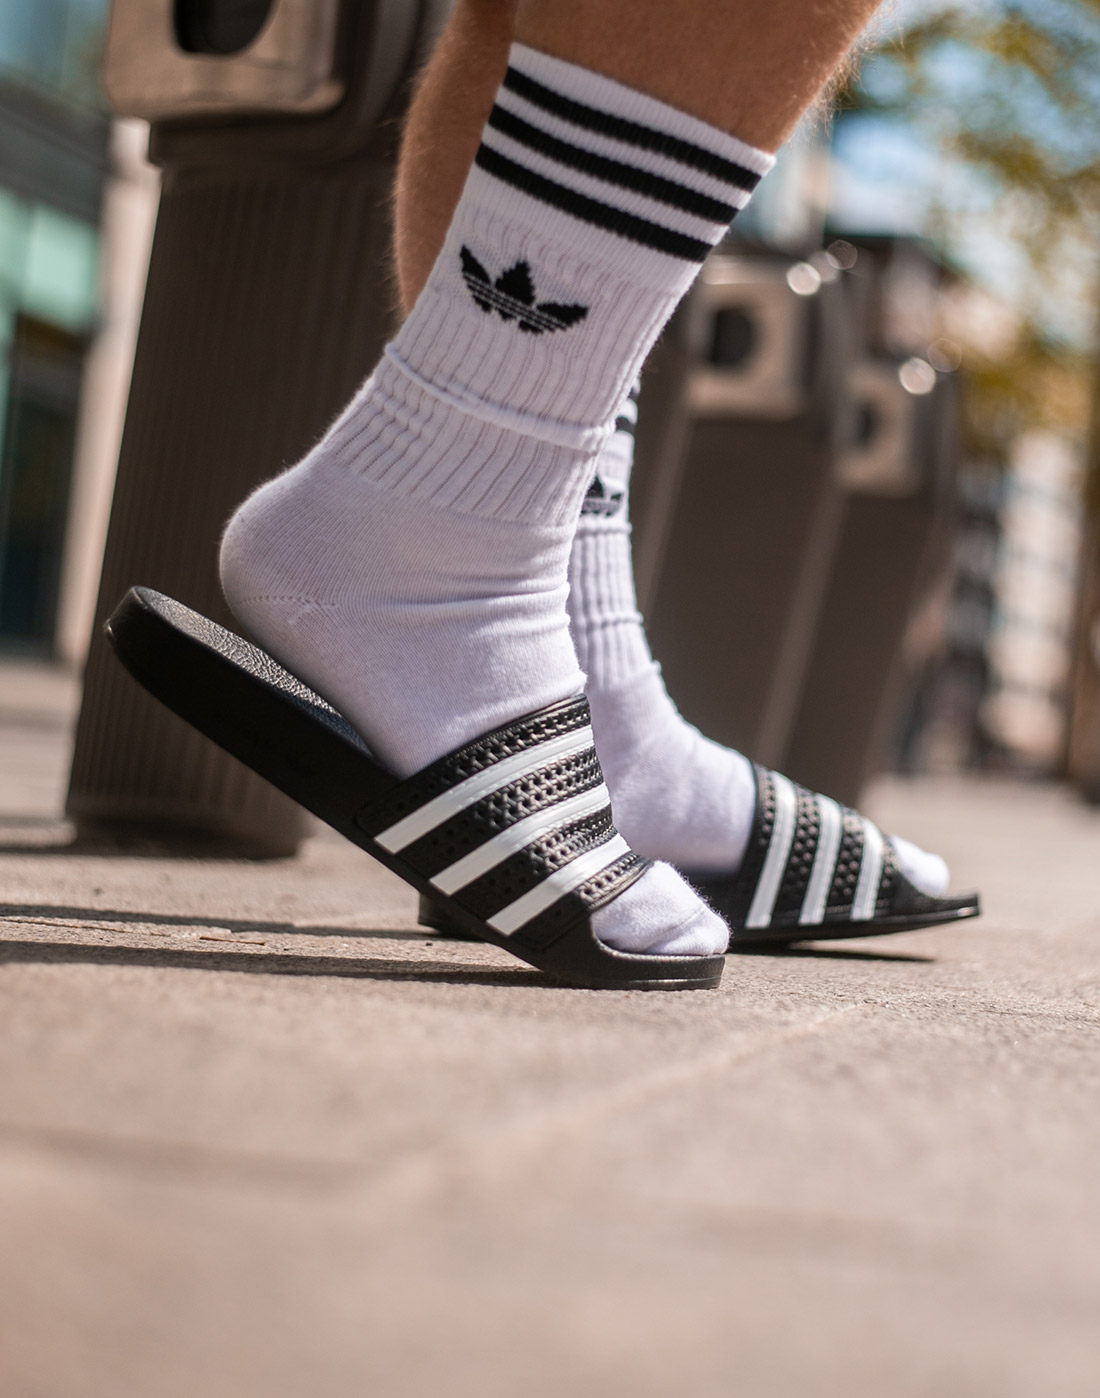 dcca35053e3b Trefoil Socks 3 Pack · Trefoil Socks 3 Pack